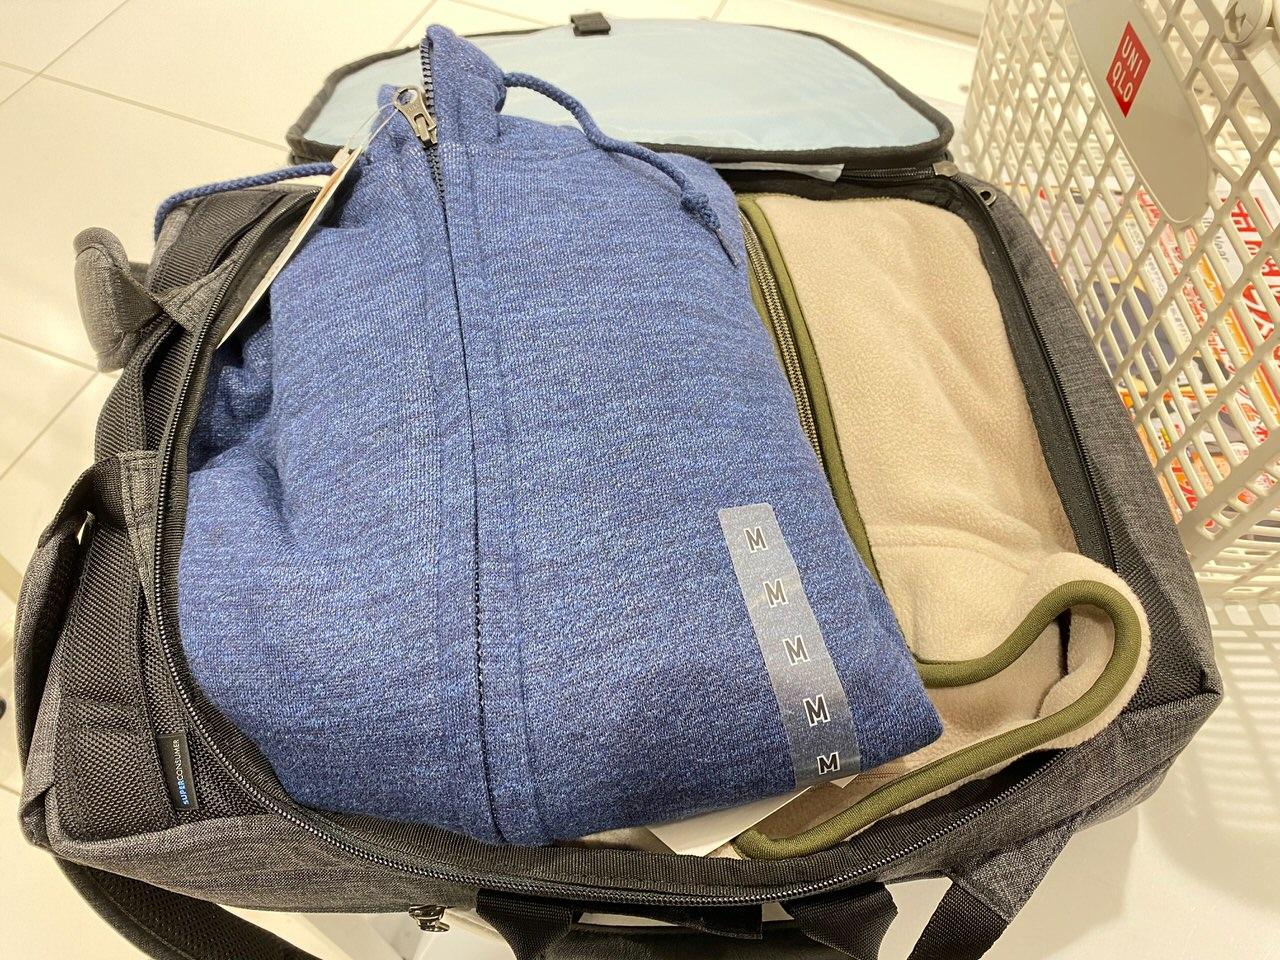 「かわるビジネスリュックmini」買い物バッグとしての普段遣いもけっこう良い 2